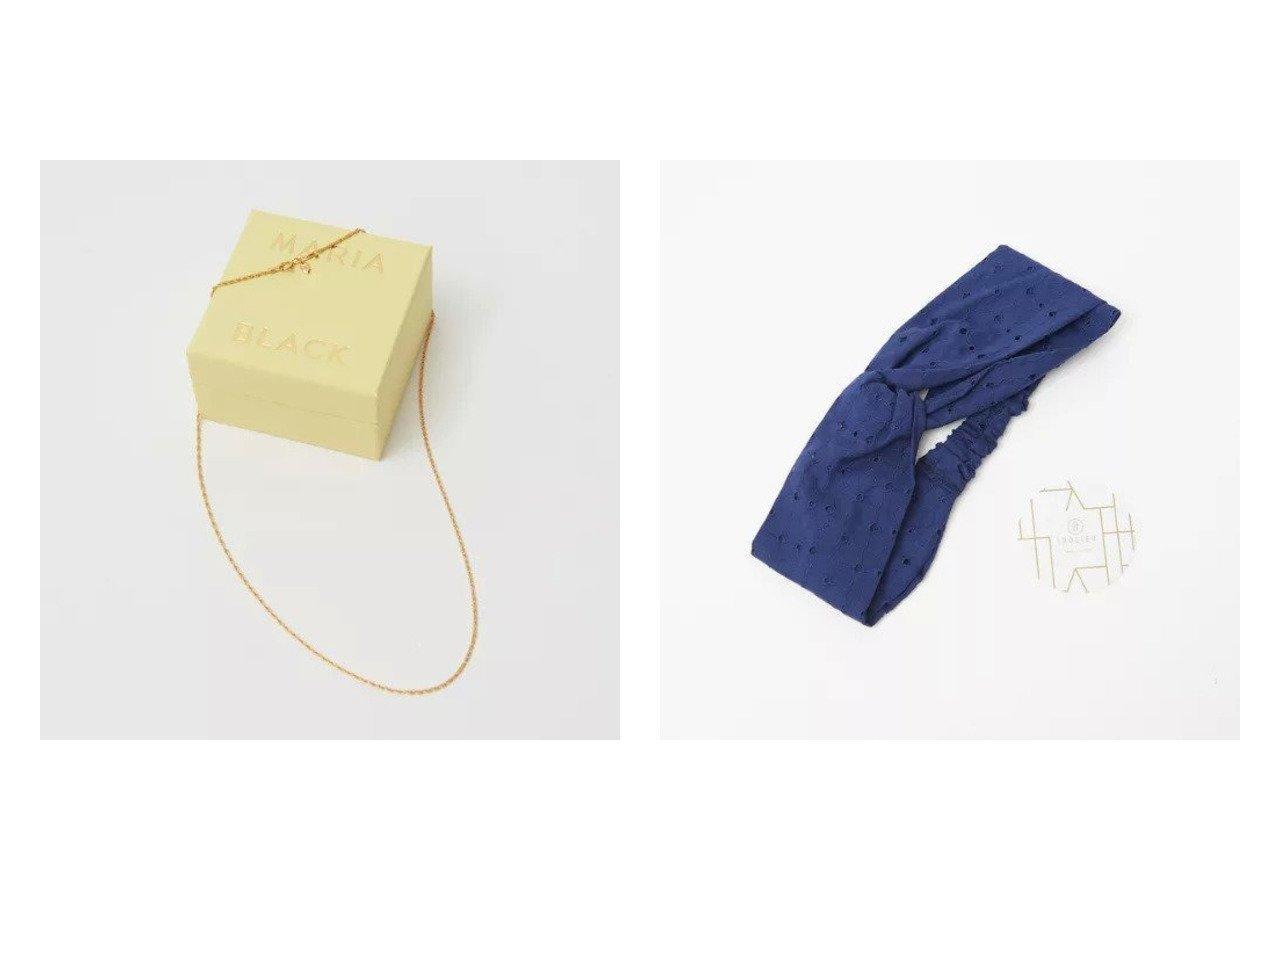 【Rouge vif/ルージュ ヴィフ】の【IROLIER】フラワーレースターバン&【MARIA BLACK】Sofiaネックレス おすすめ!人気、トレンド・レディースファッションの通販 おすすめで人気の流行・トレンド、ファッションの通販商品 インテリア・家具・メンズファッション・キッズファッション・レディースファッション・服の通販 founy(ファニー) https://founy.com/ ファッション Fashion レディースファッション WOMEN ジュエリー Jewelry ネックレス Necklaces シュシュ / ヘアアクセ Hair Accessories おすすめ Recommend アクセサリー コレクション ジュエリー チェーン ネックレス ロンドン ショート シンプル ターバン ブロック モダン リラックス レース ロング ワーク 楽ちん 無地 |ID:crp329100000072370